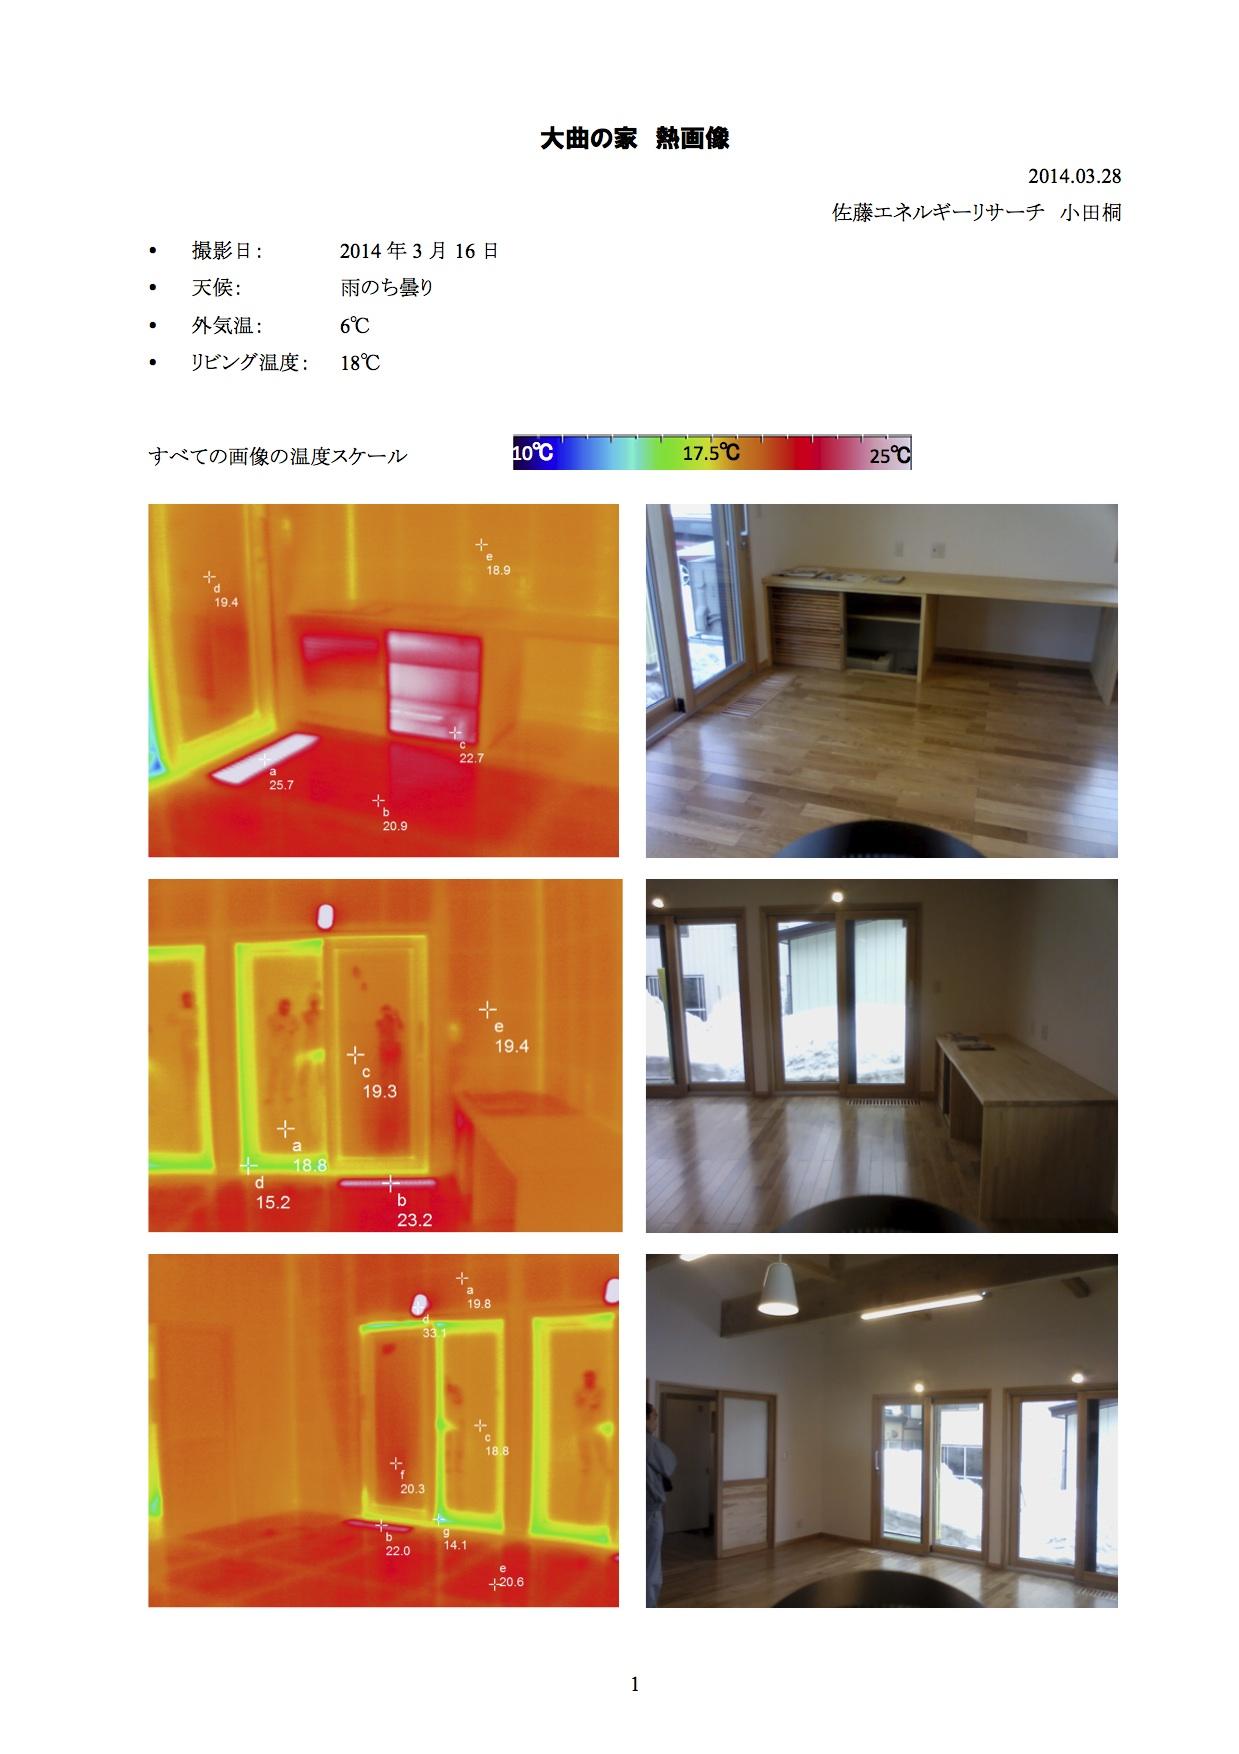 Q1住宅-X2大曲:熱画像_e0054299_13494454.jpg